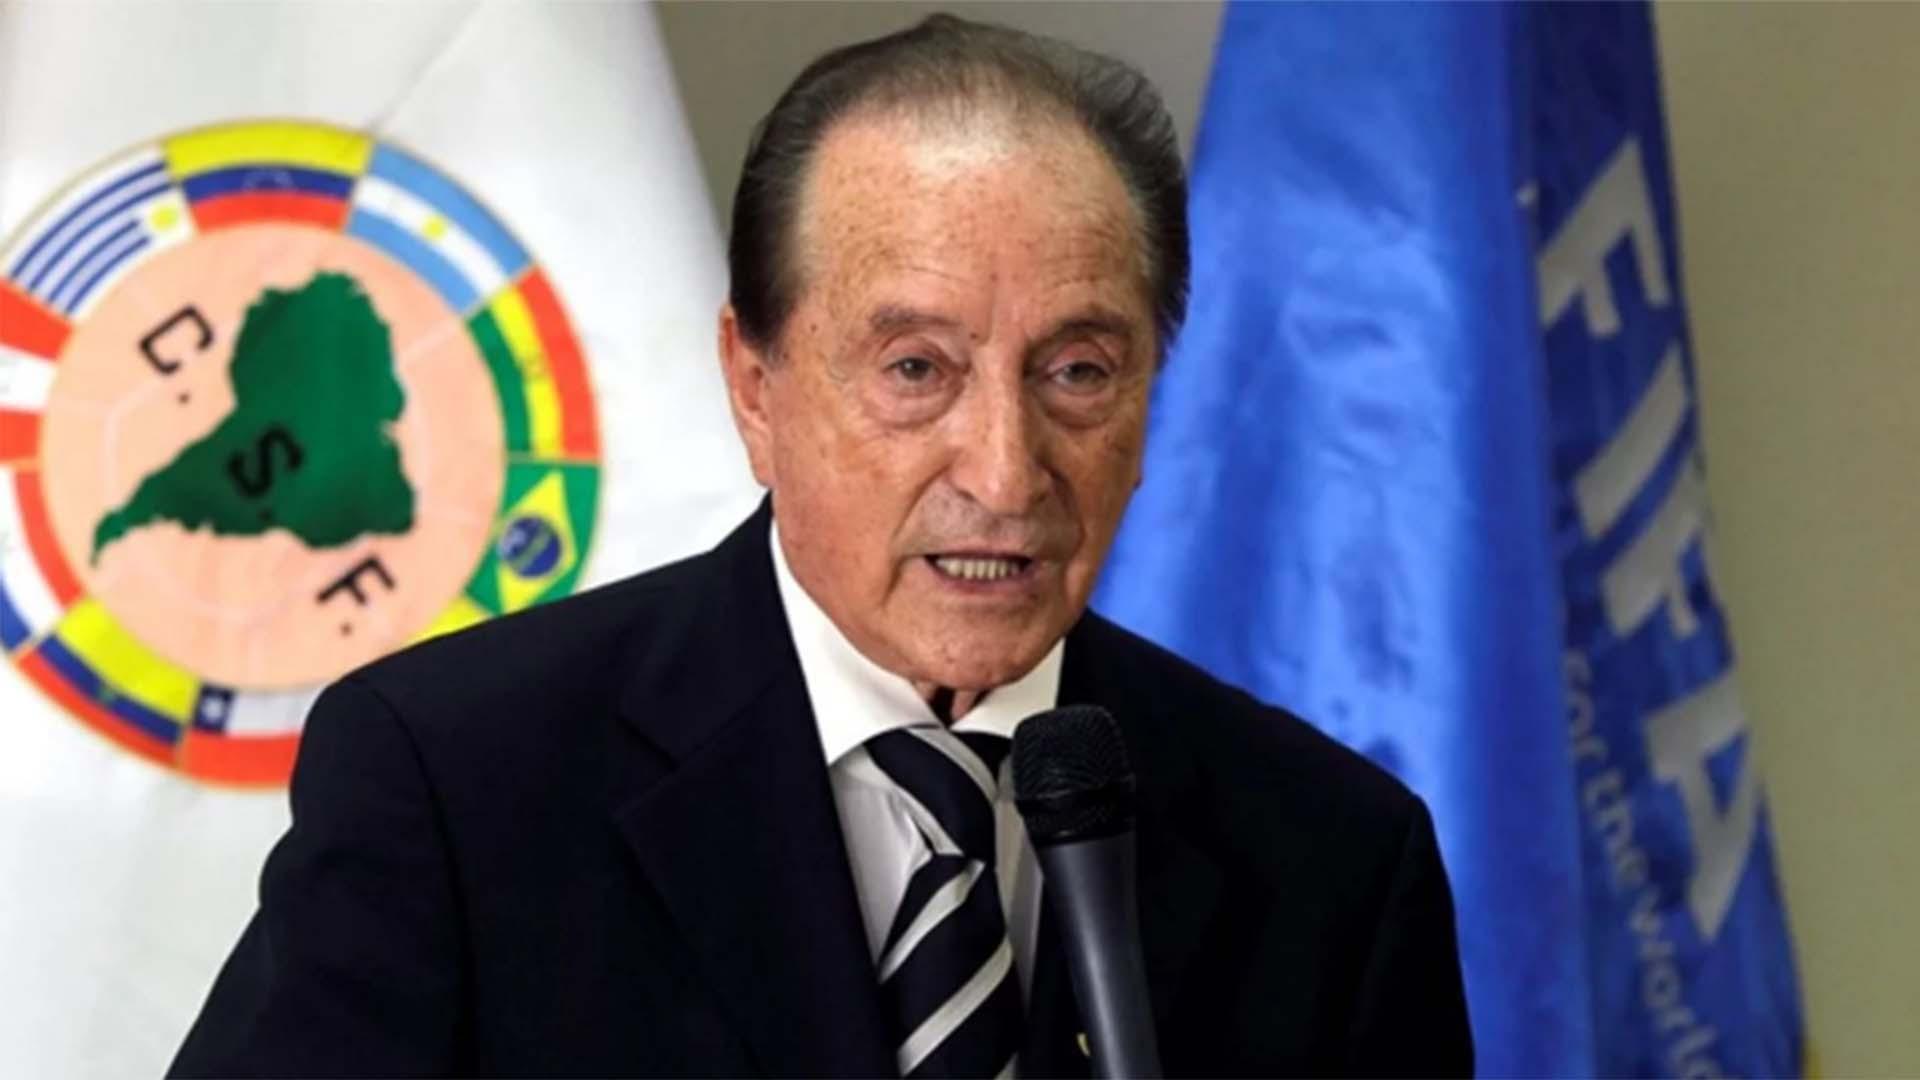 El uruguayo Eugenio Figueredo, ex presidente de la Conmebol, consiguió la libertad provisional